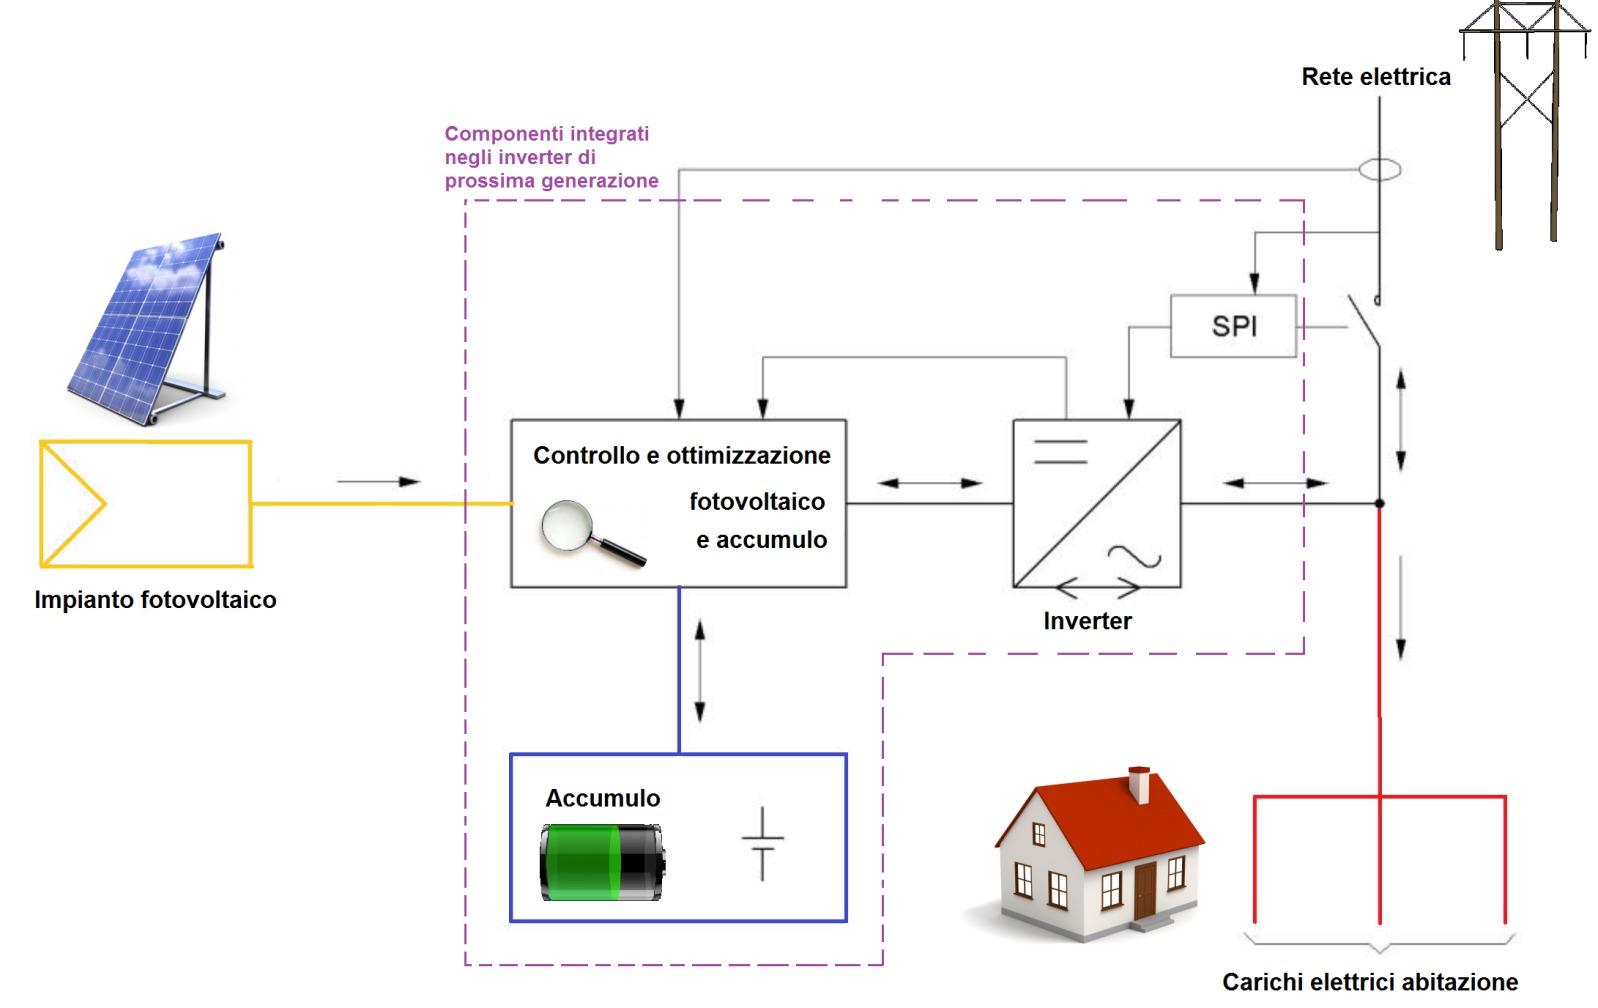 Schema Elettrico Unifilare Impianto Fotovoltaico 3 Kw : Fotovoltaico e batterie su abitazione l esempio tipico